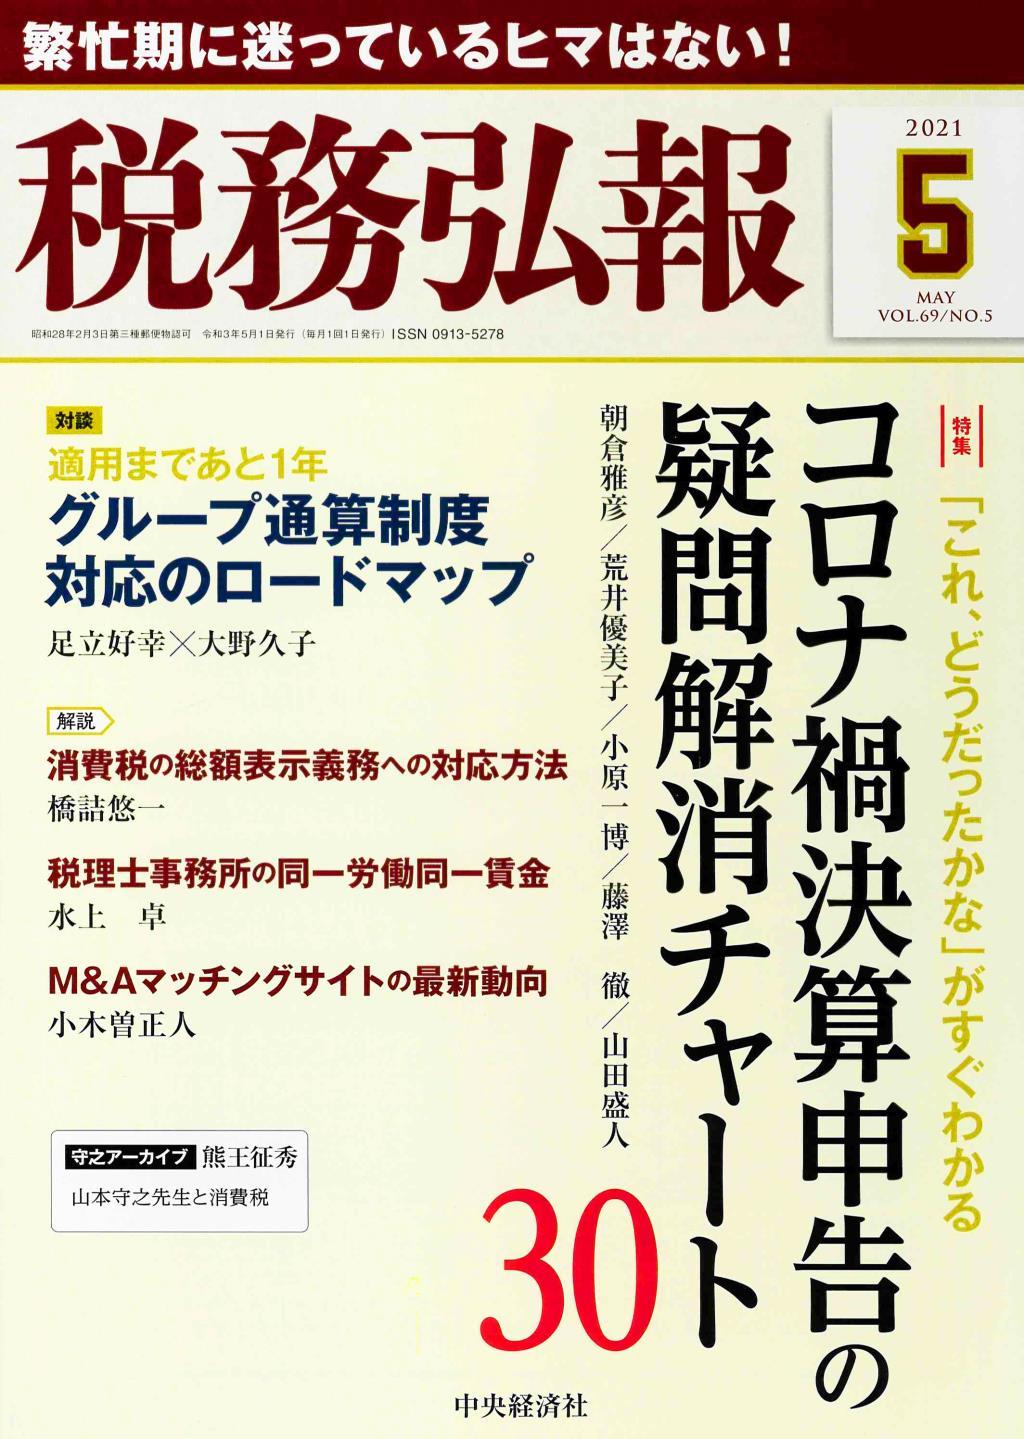 税務弘報 VOL.69/No.5/2021.5